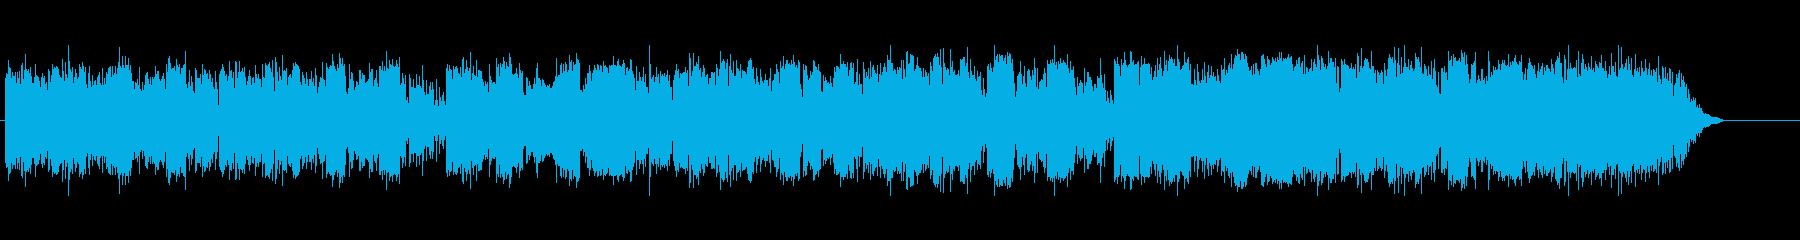 幻想的な北欧フェアリーテイルの曲の再生済みの波形